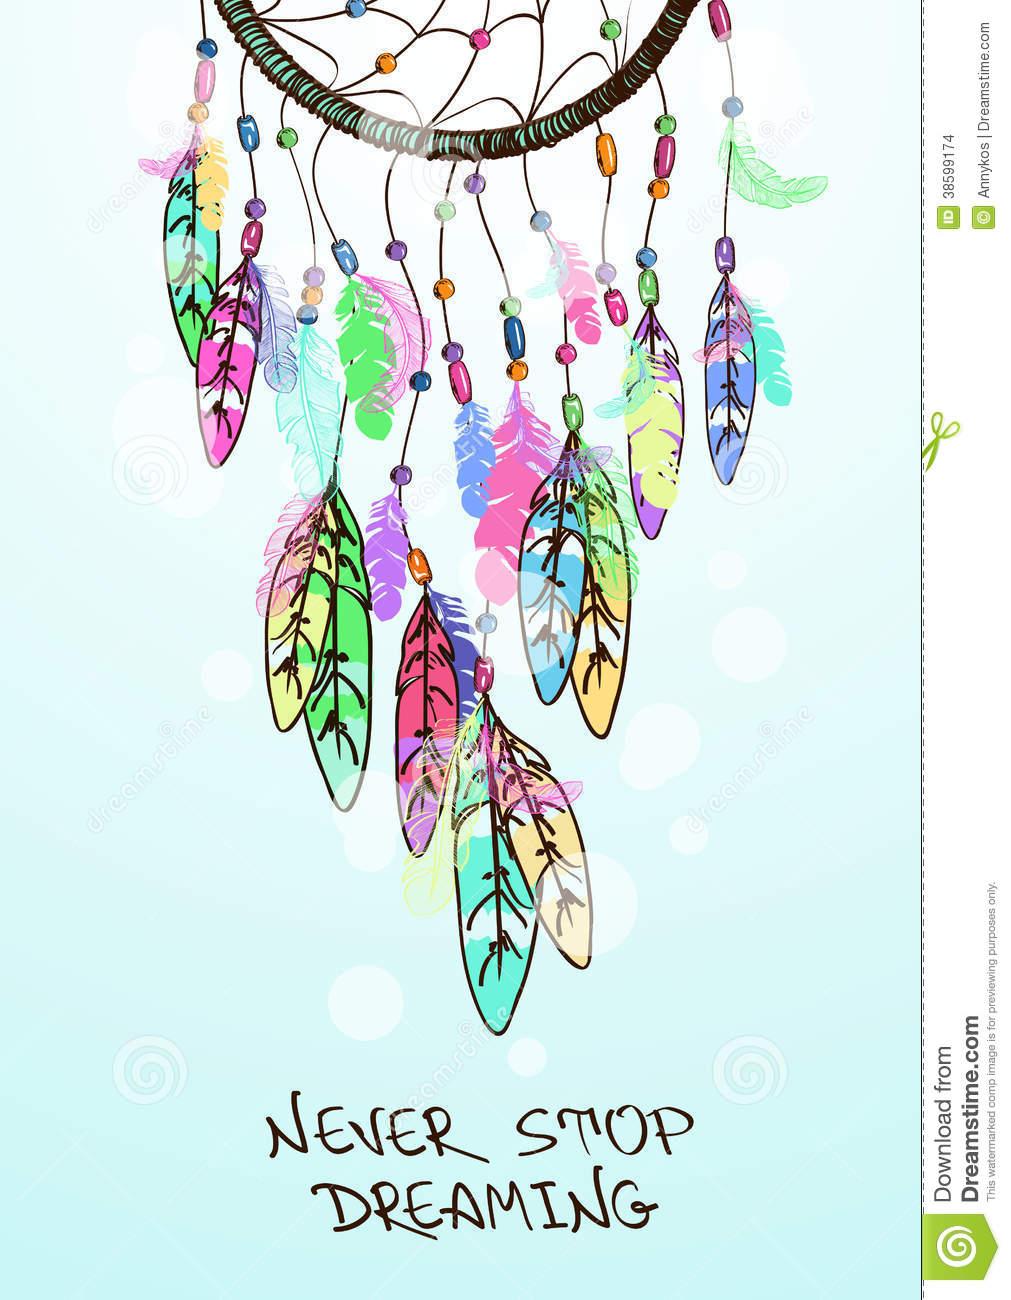 Cute Dreamcatcher Wallpaper Iphone Colorful Dream Catcher...